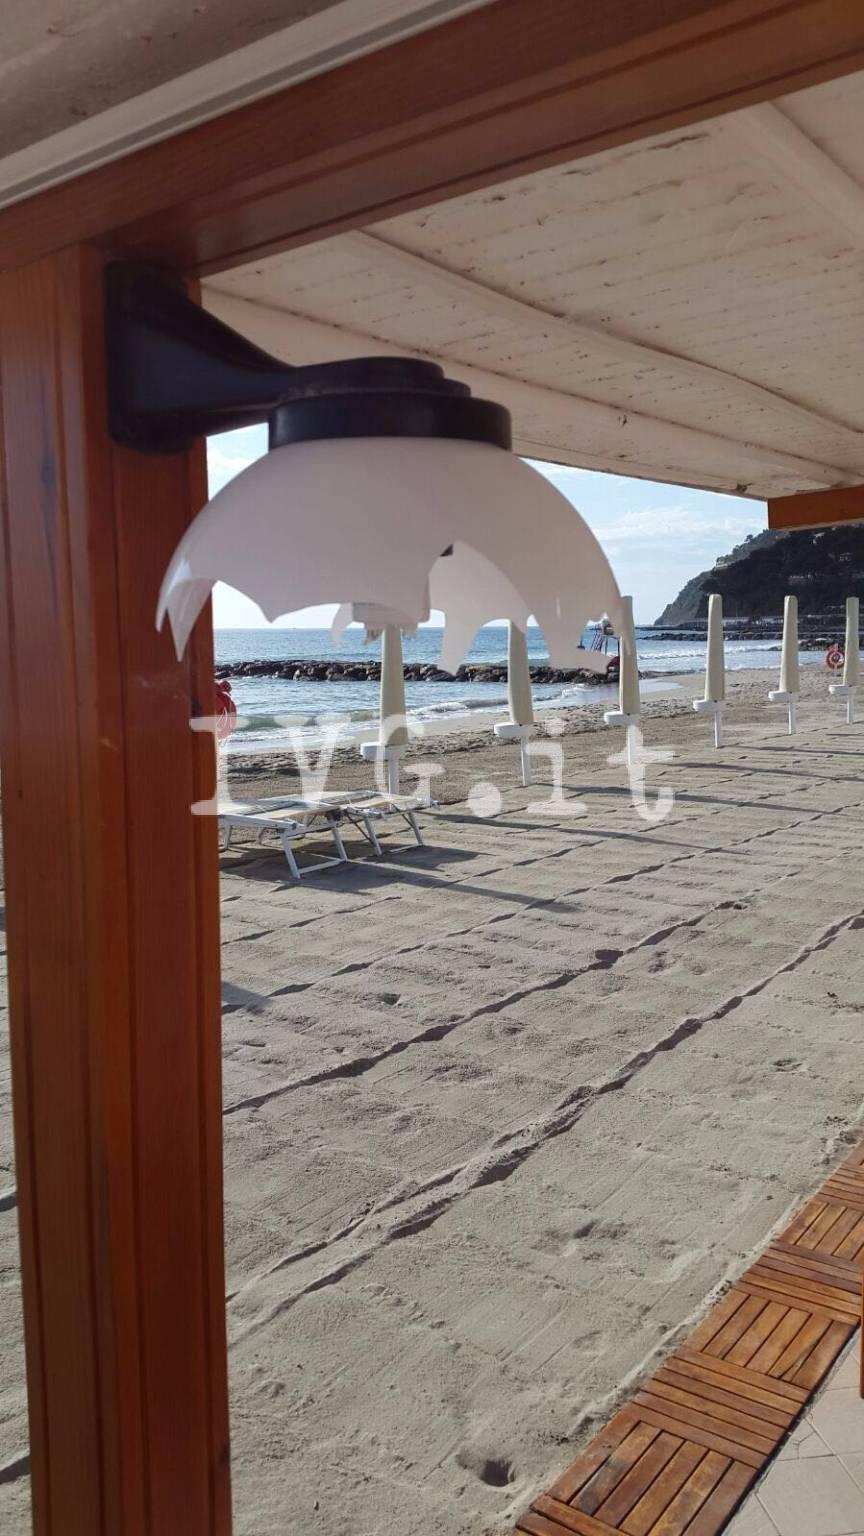 Le spiagge di Laigueglia nel mirino dei vandali